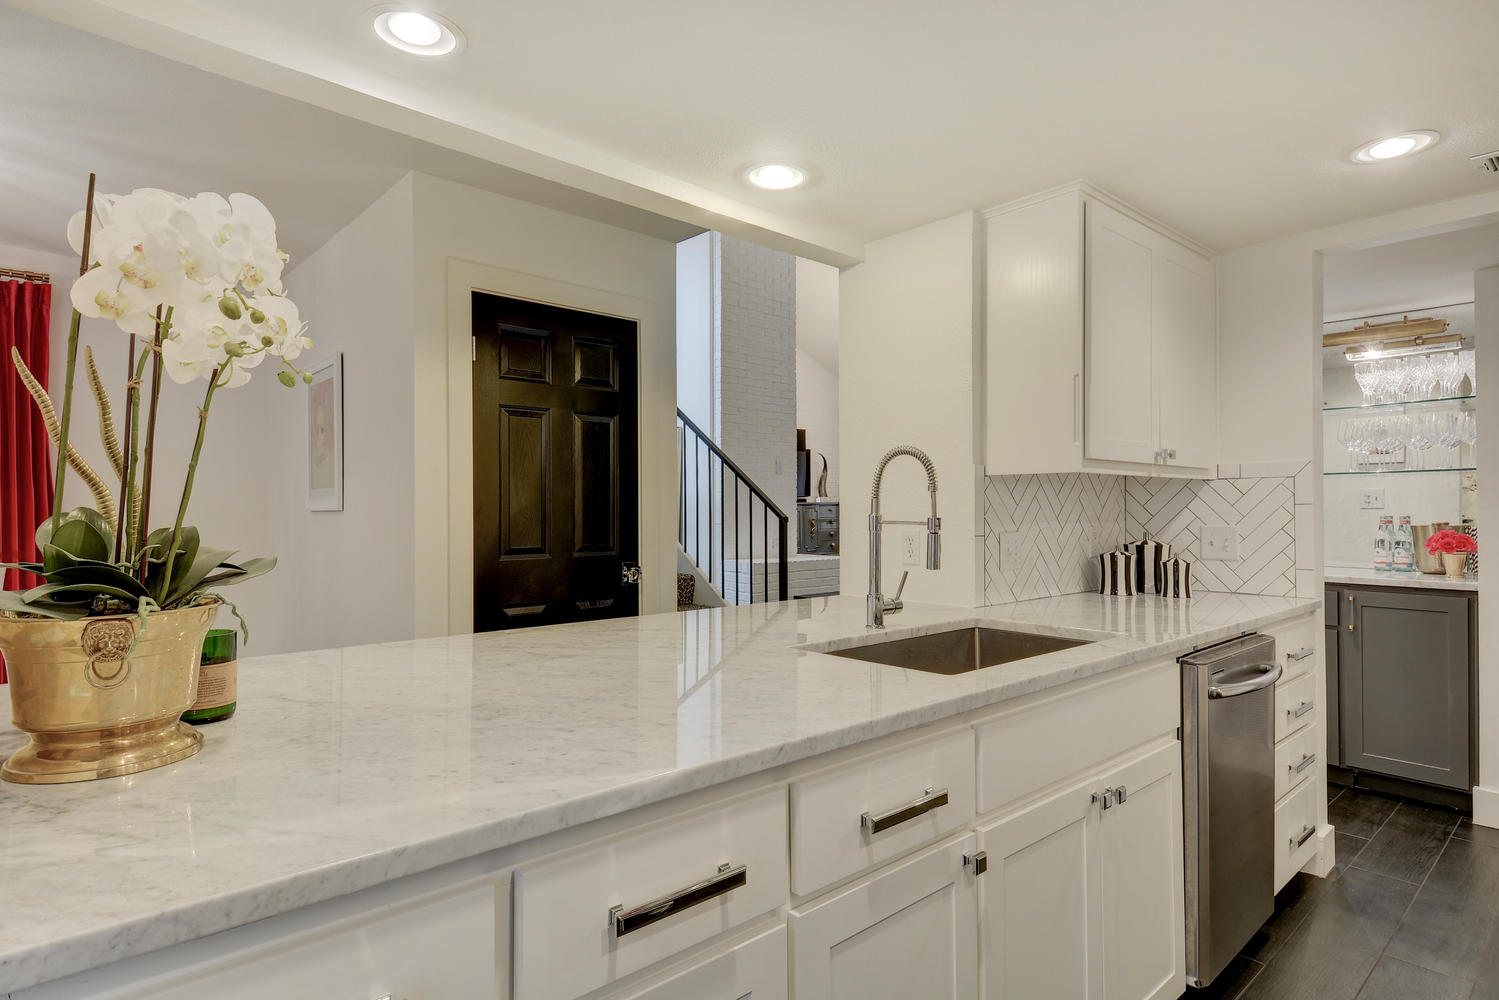 kitchen-to-wet-bar.jpg